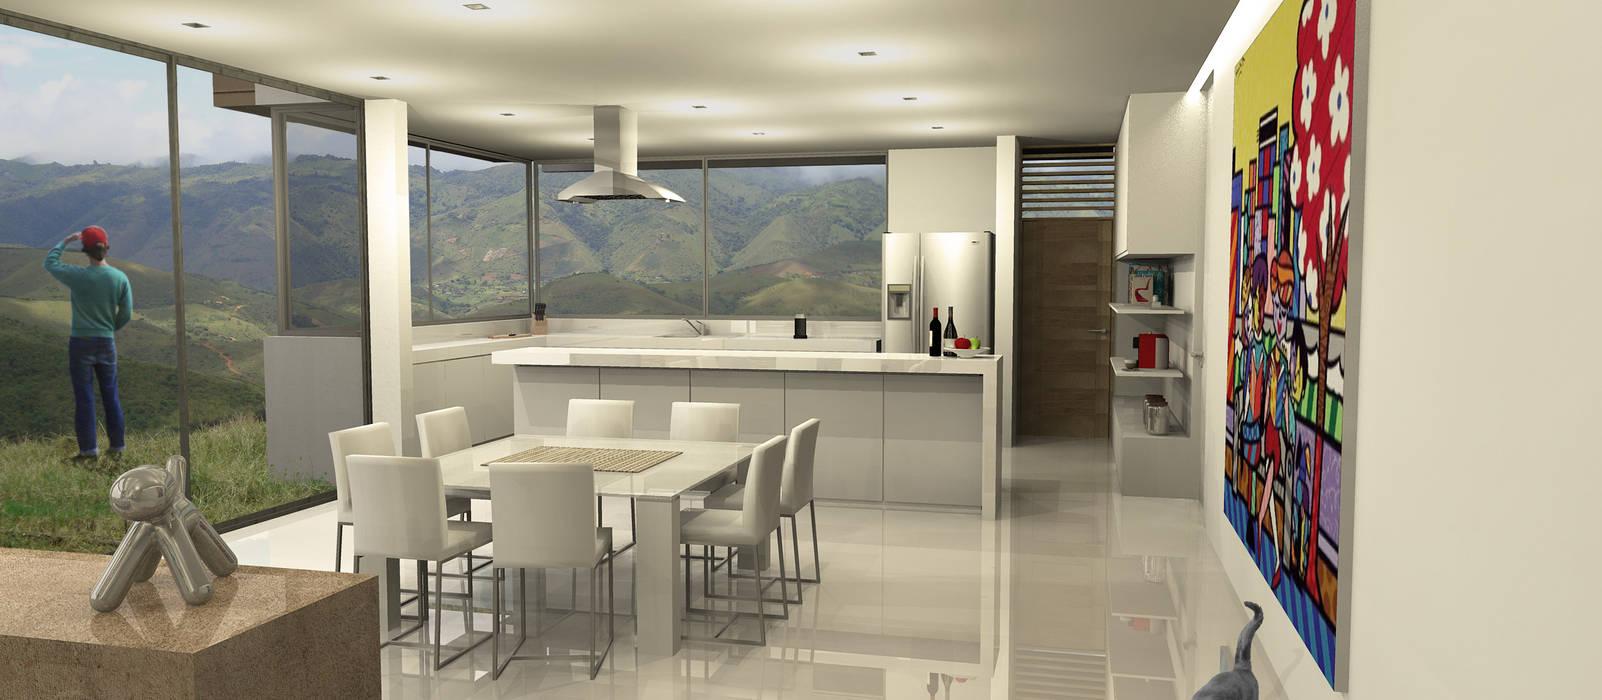 Casa Dapa LM Comedores de estilo moderno de COLECTIVO CREATIVO Moderno